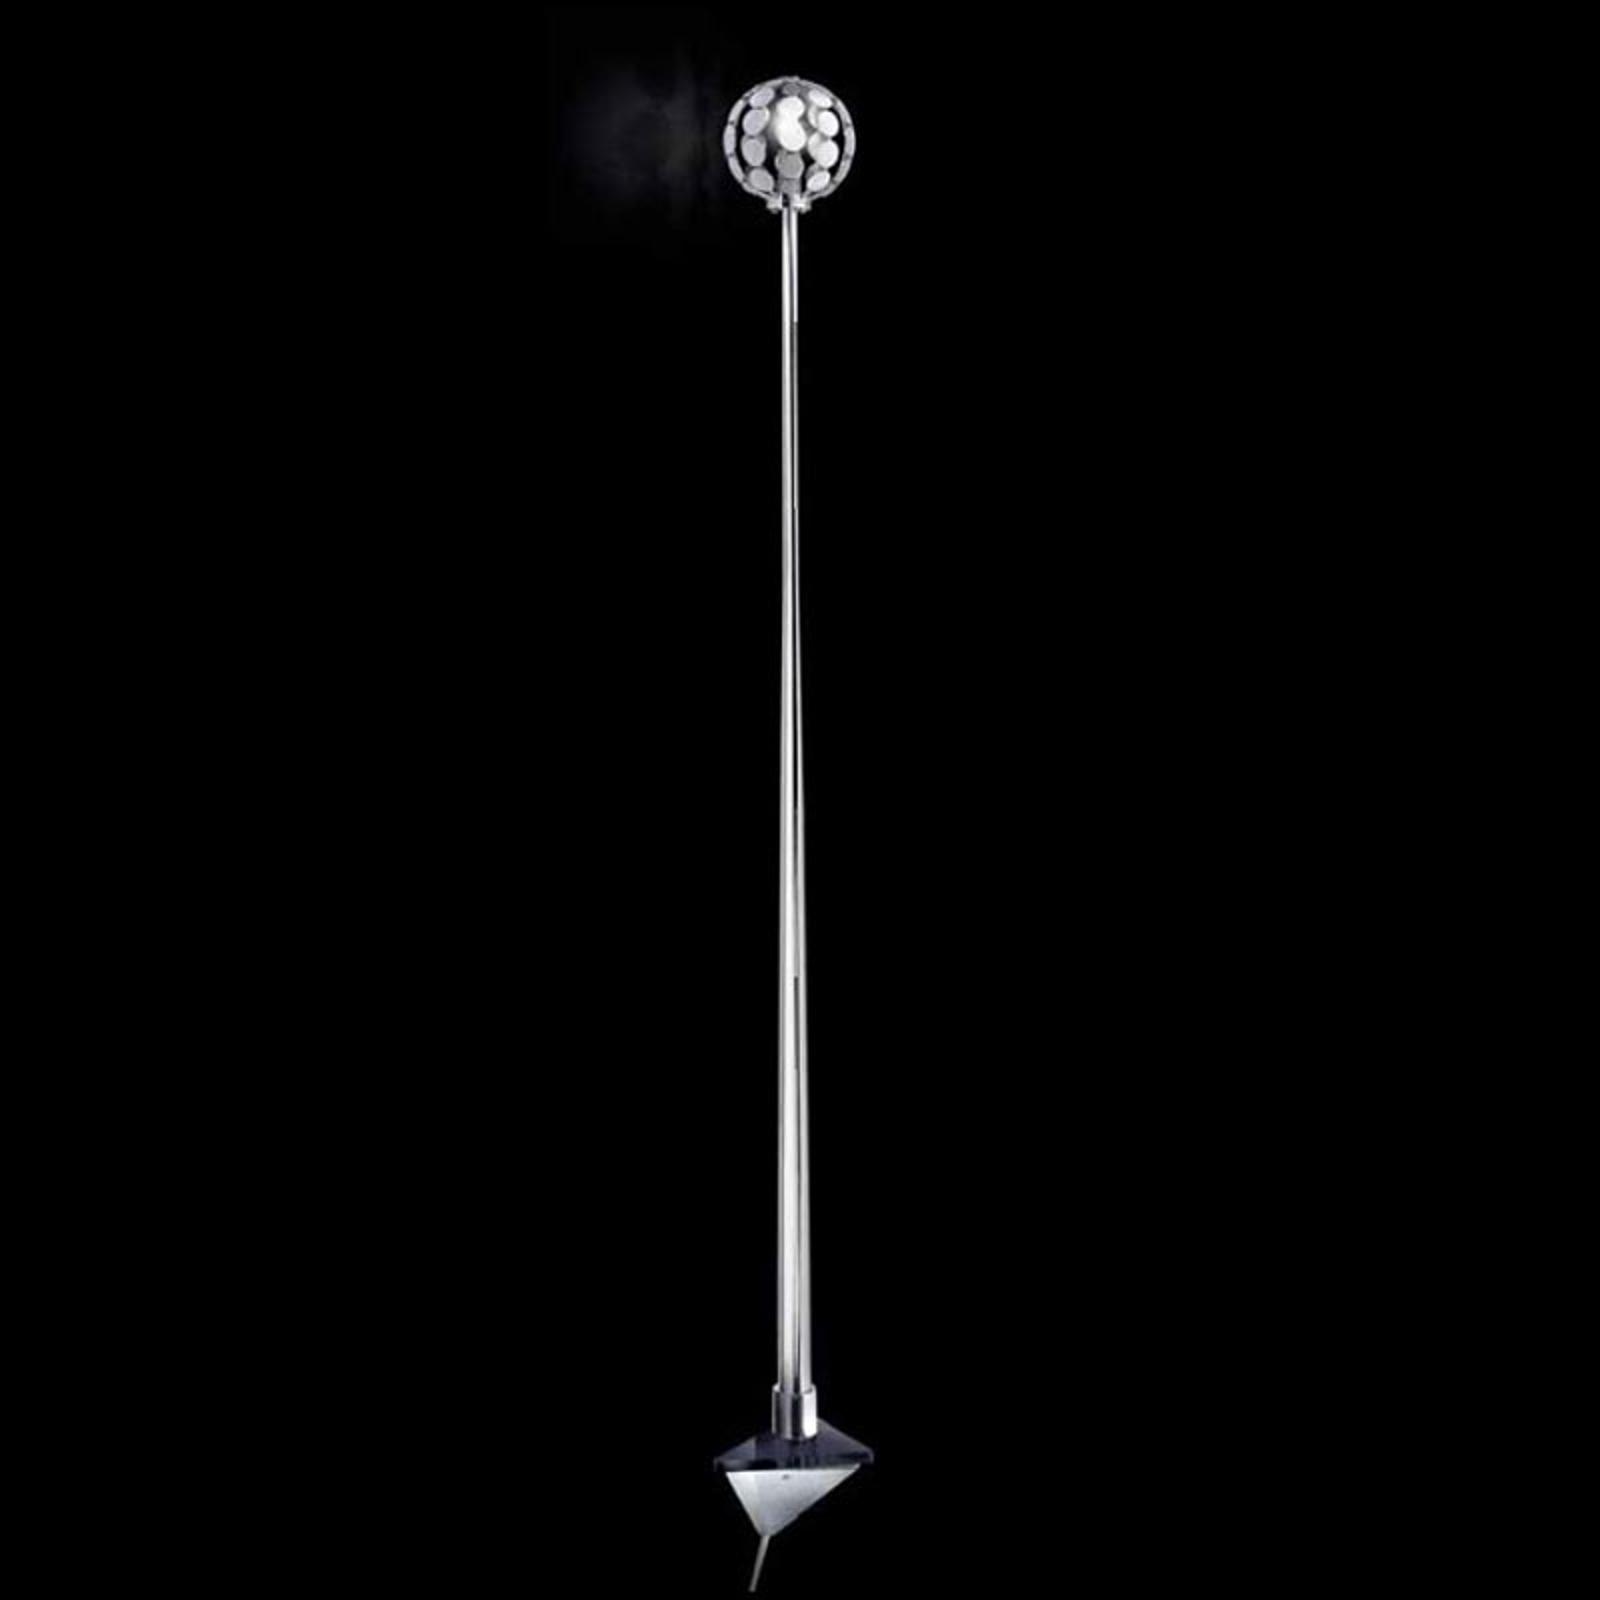 Wandleuchte Sfera, Halterung schwarz, 151 cm